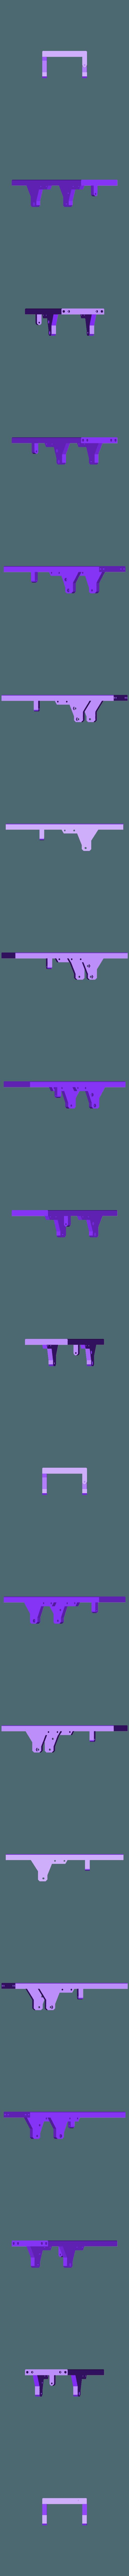 Truck_V4_Frame_A.STL Download STL file 3D Printed Rc Truck V4 • 3D printable template, MrCrankyface